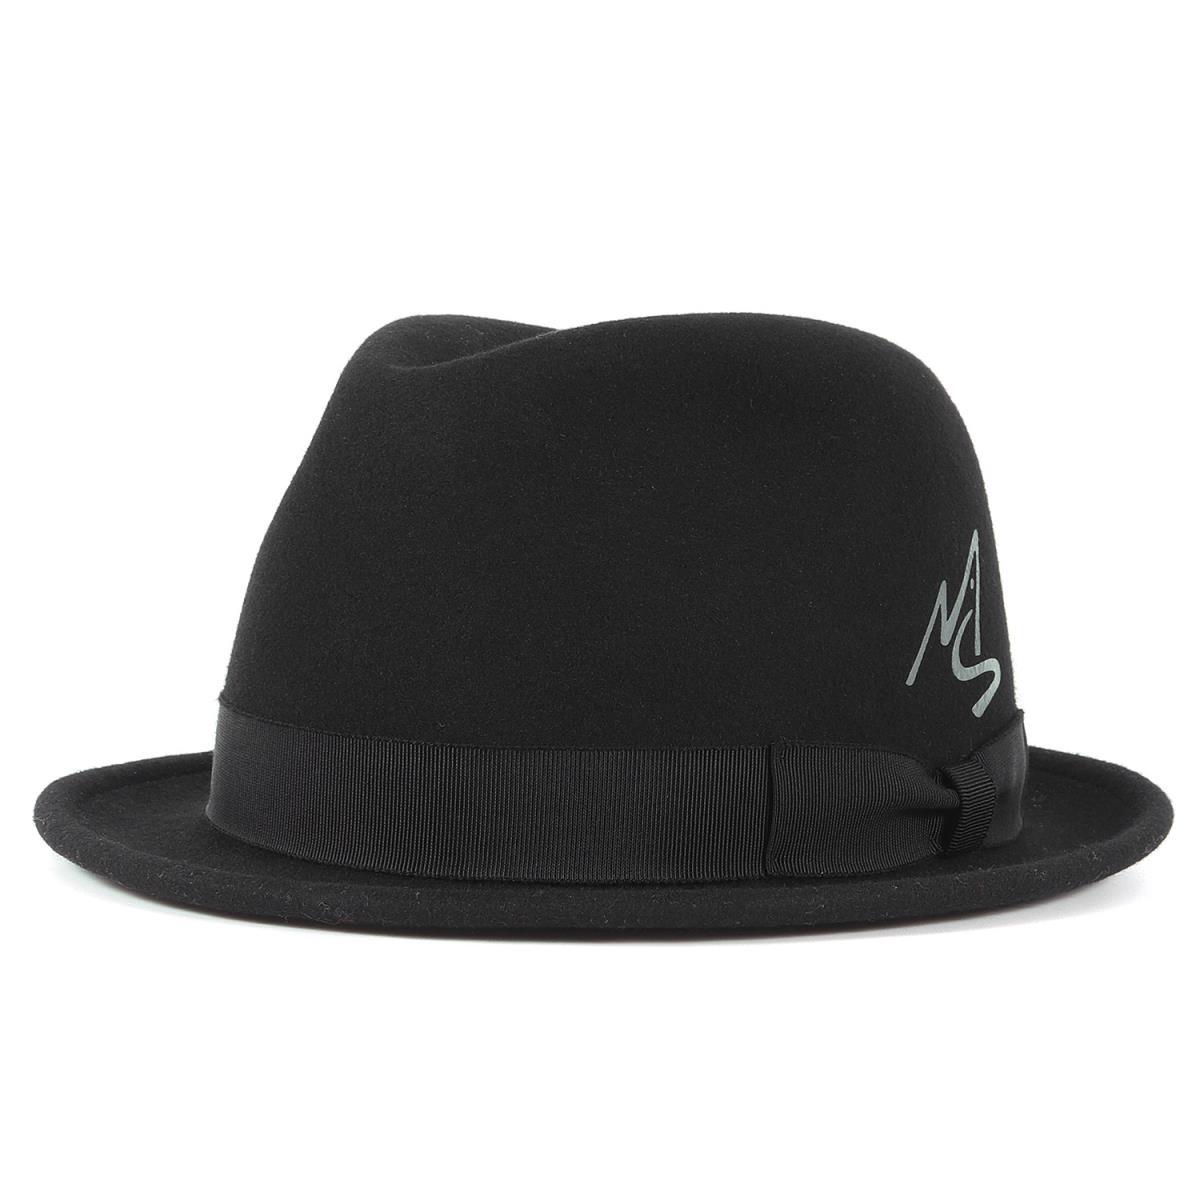 MASSES マシス ハット 18AW アイコンマーク ウール フェルト ハット FELT HAT ブラック M 【メンズ】【K2472】【あす楽☆対応可】